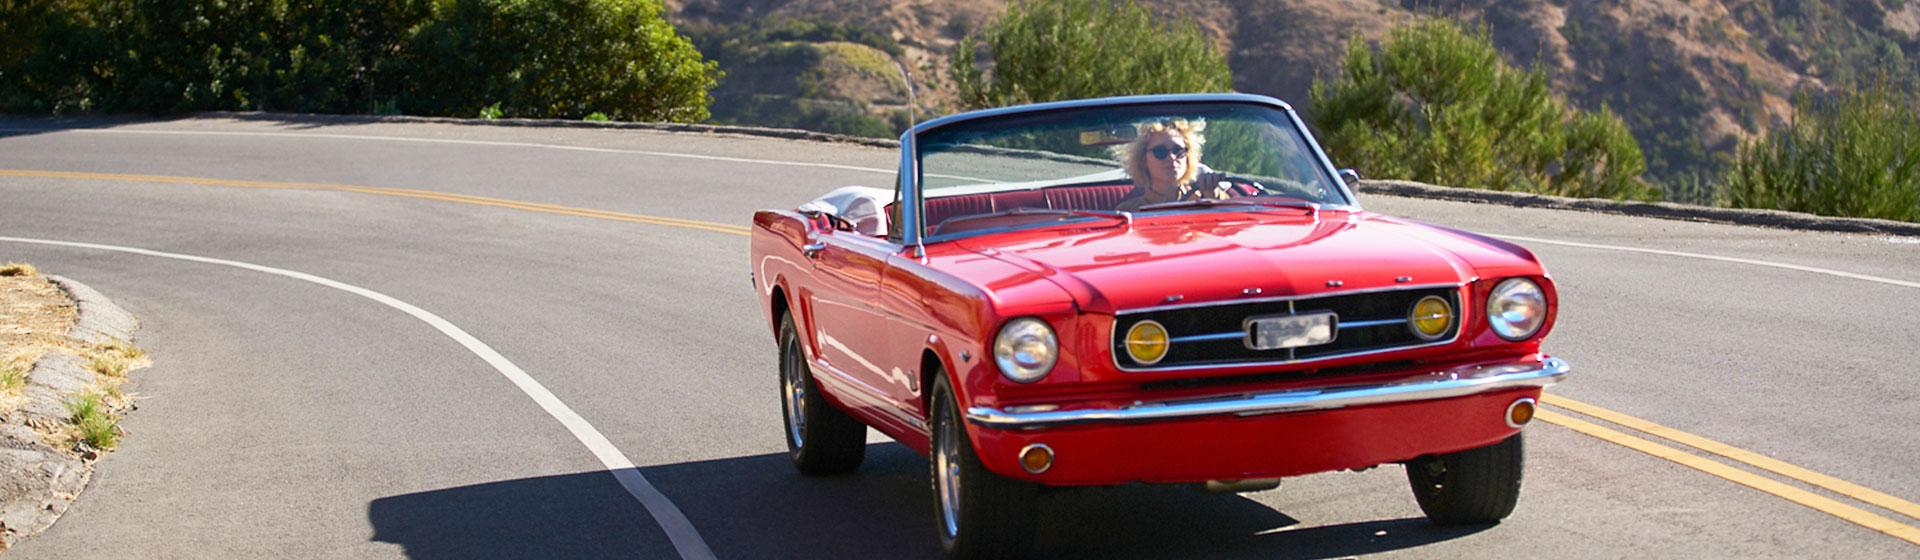 Mustang on the road, Los Angeles, Kalifornien.